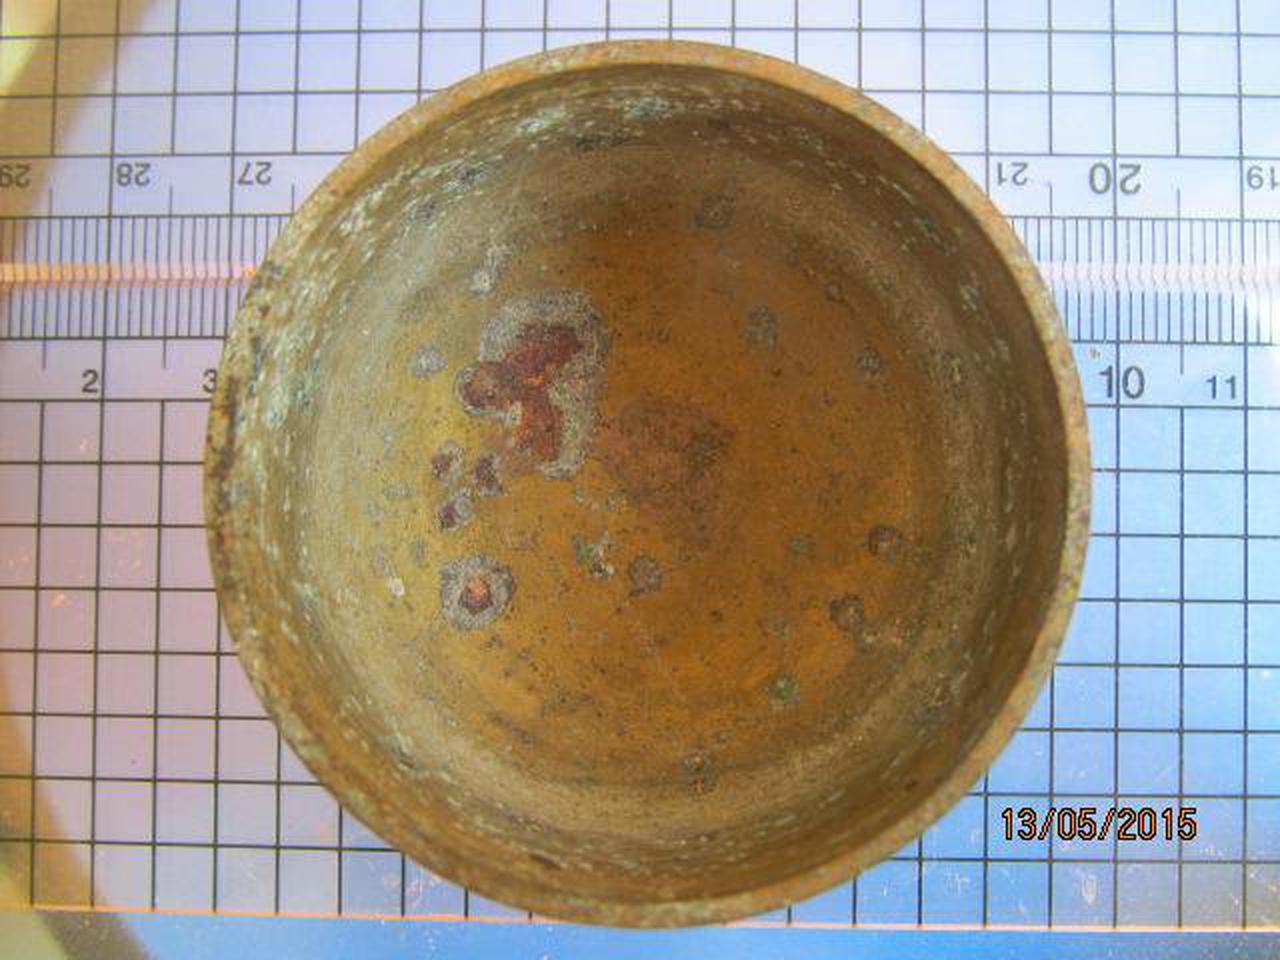 1982 ถ้วยทองเหลือง ความกว้างขนาด 2 นิ้ว สูง 1 นิ้ว ถ้วยทองเห รูปที่ 3